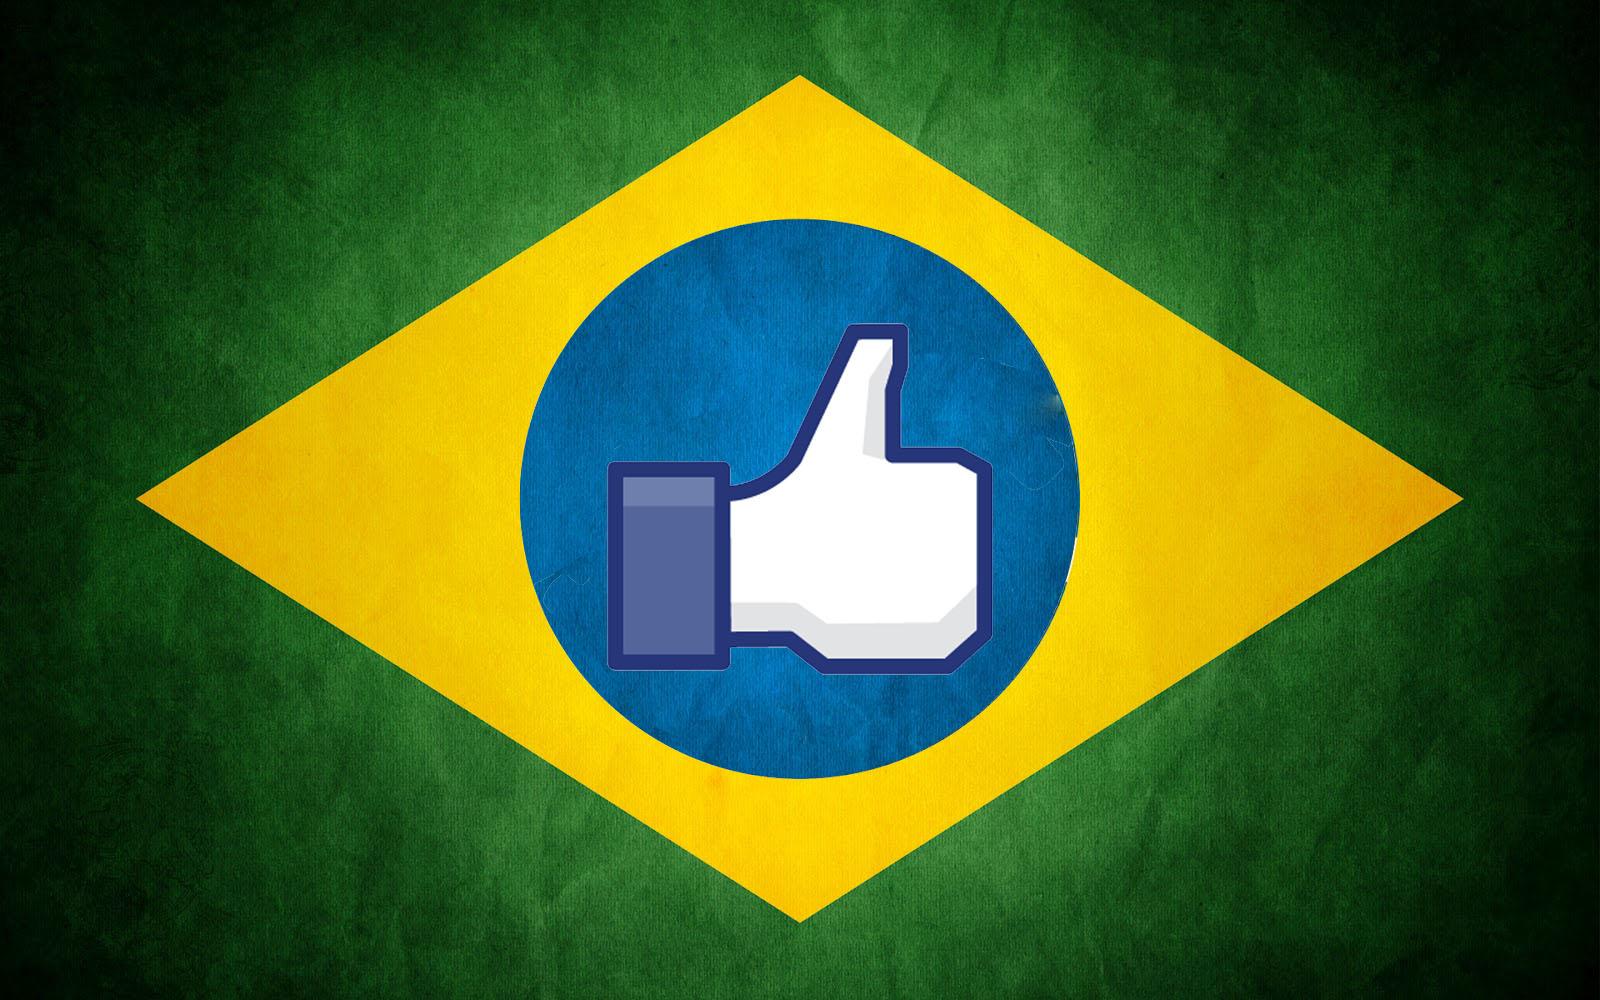 Uso do computador e internet no Brasil